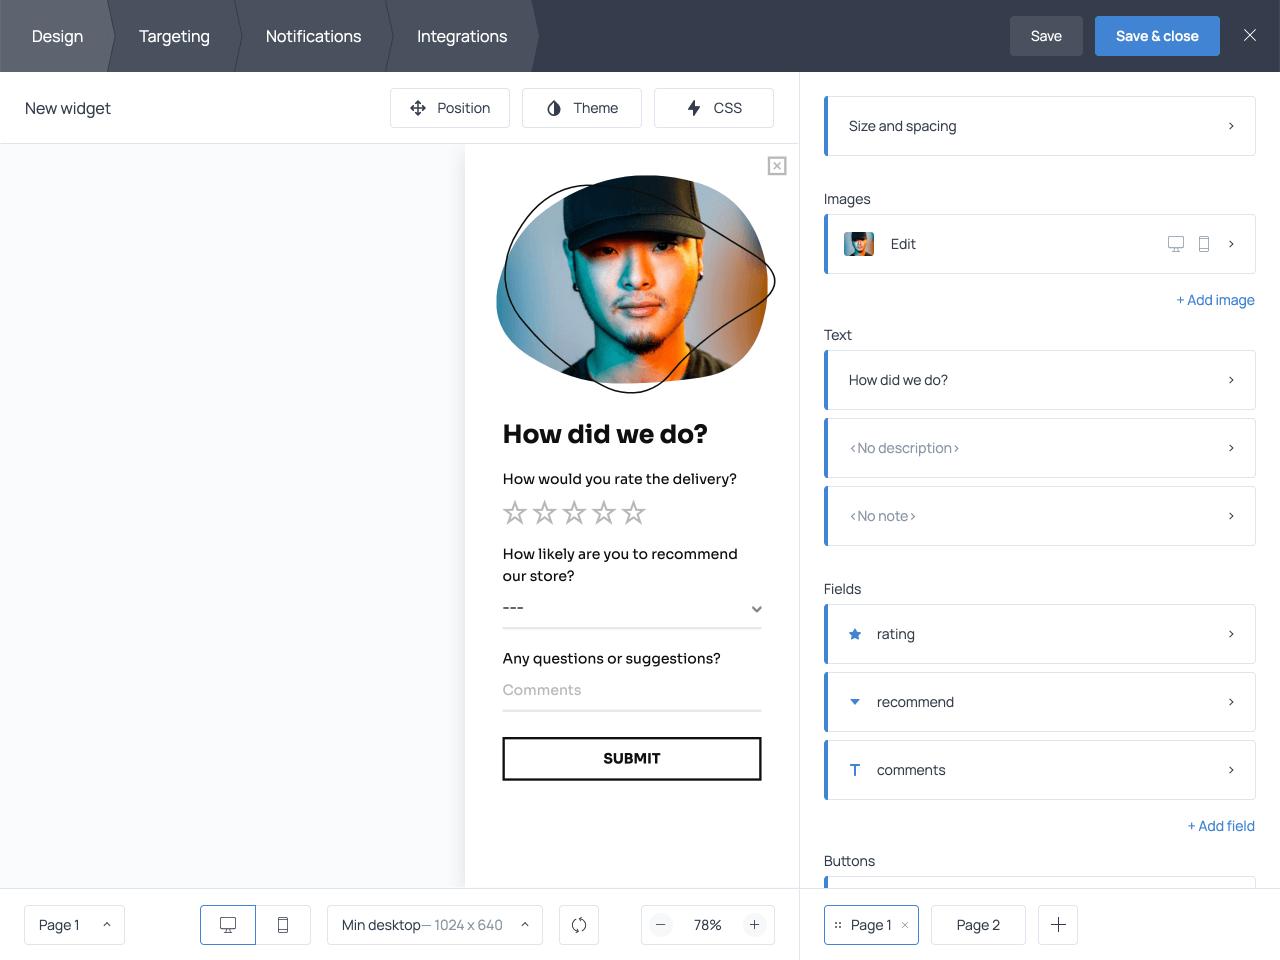 Online survey with a dropdown menu